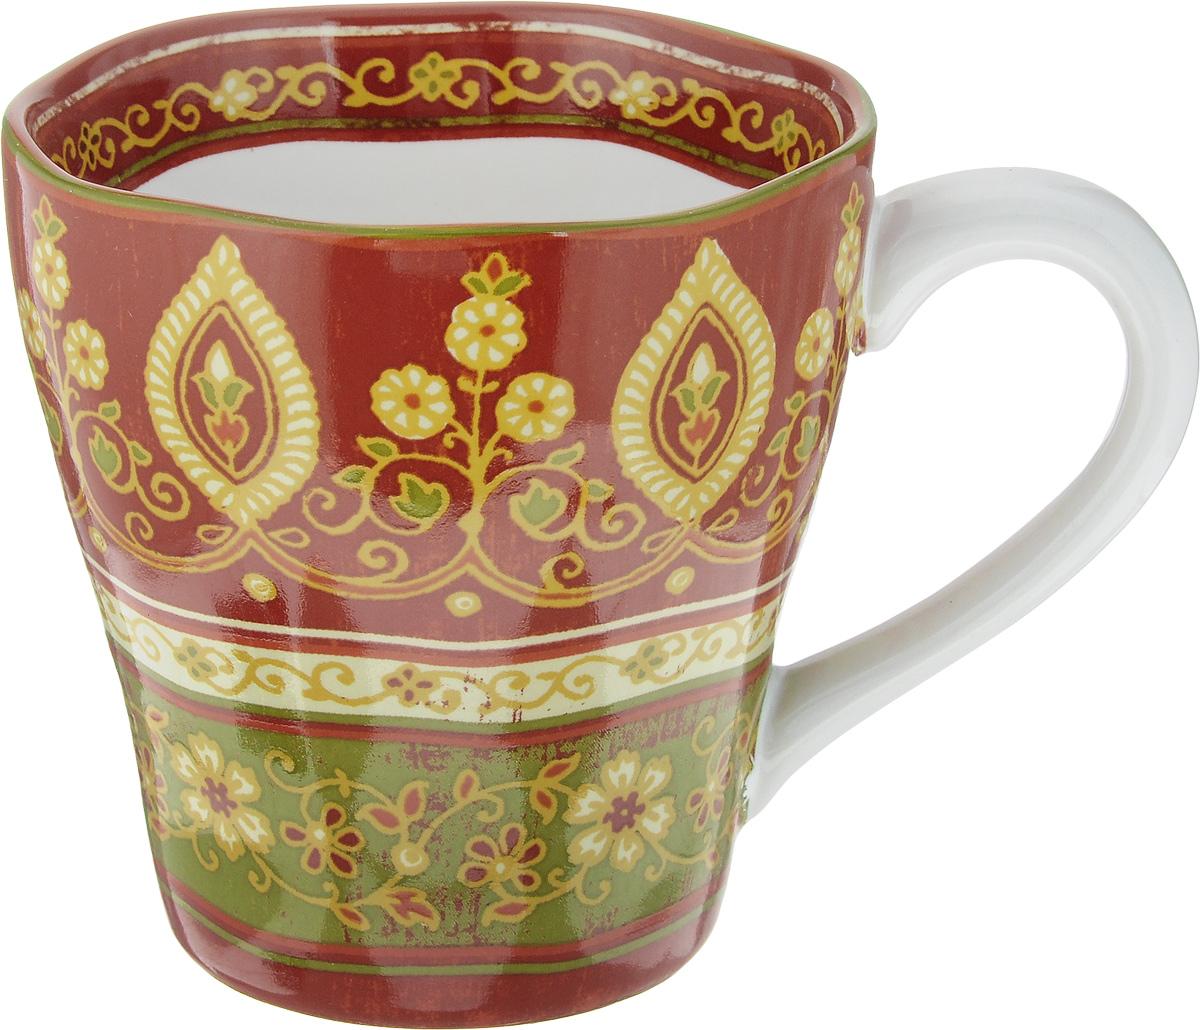 """Кружка Sango Ceramics """"Кашмир"""" изготовлена из высококачественной керамики. Изделие оформлено оригинальным рисунком. Такая кружка создаст атмосферу тепла и уюта, настроит на позитивный лад и подарит хорошее настроение с самого утра. Это оригинальное изделие идеально подойдет в подарок близкому человеку. Можно мыть в посудомоечной машине и использовать в СВЧ.Диаметр (по верхнему краю): 10,5 см.Высота кружки: 10,5 см. Объем: 450 мл."""